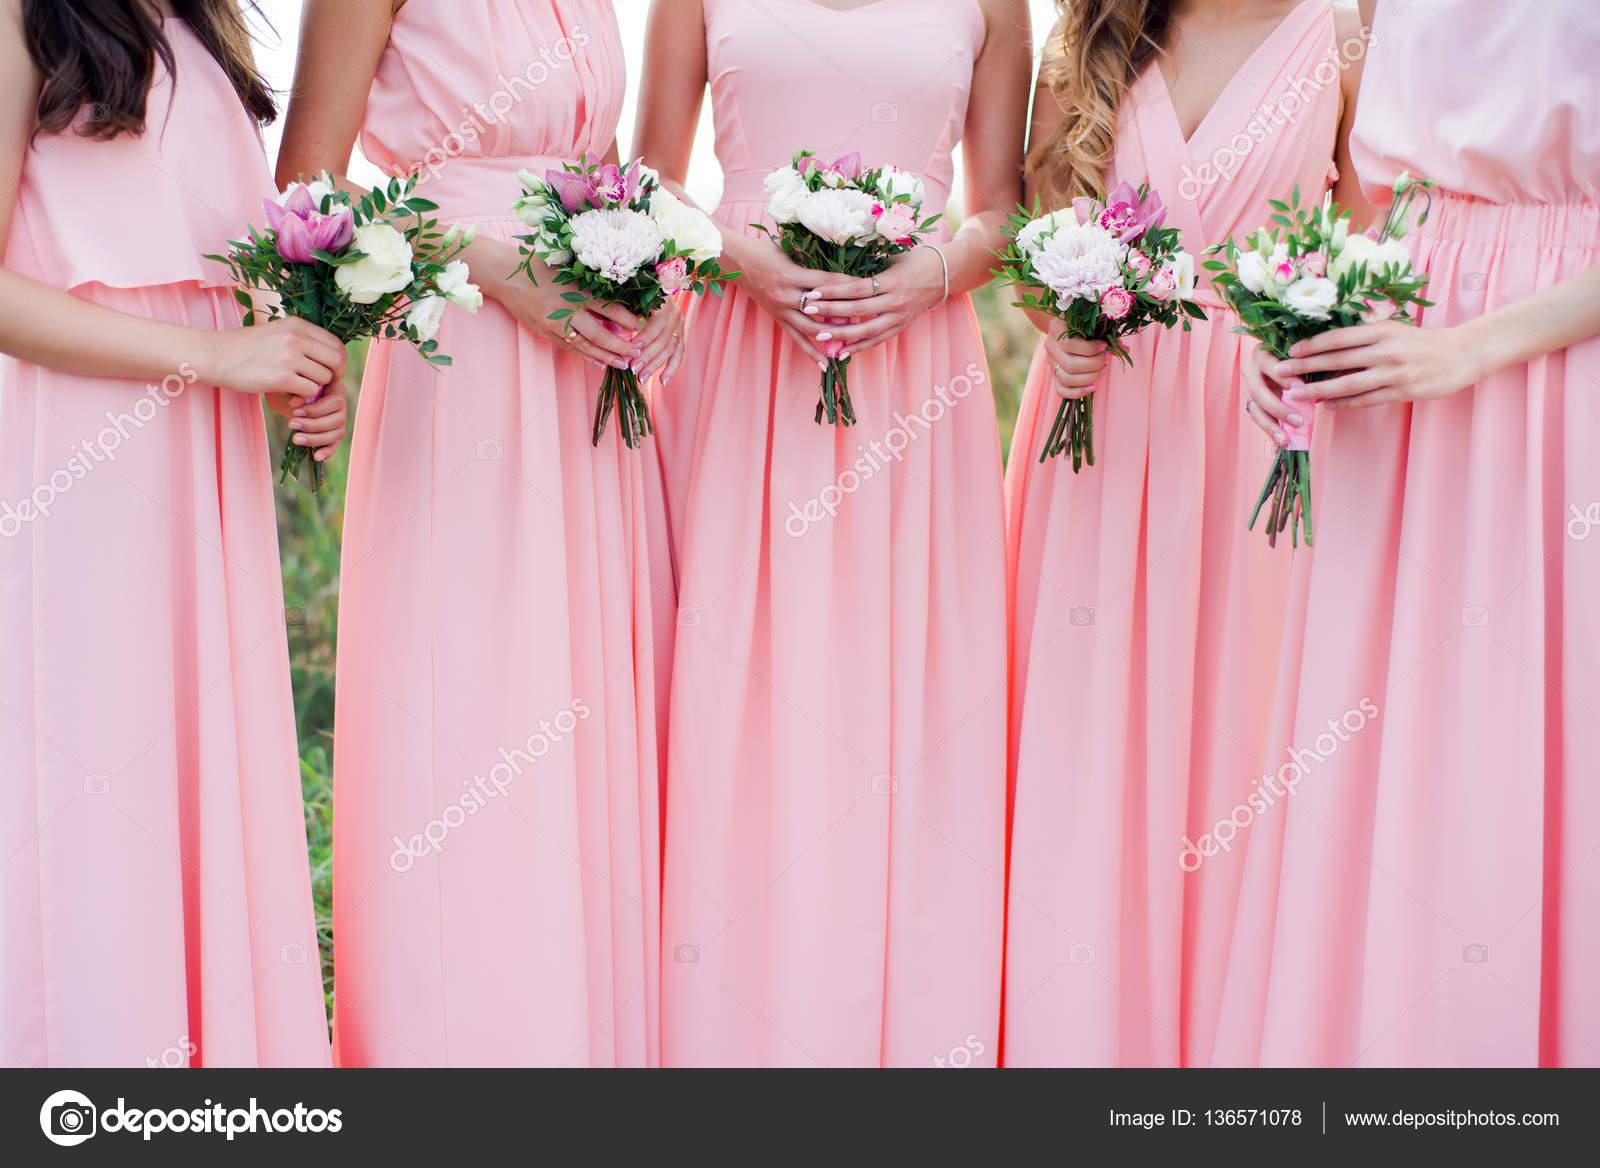 1d266277bb Rózsaszín dicsőséges koszorúslány ruhák holding szép virágok — Stock ...